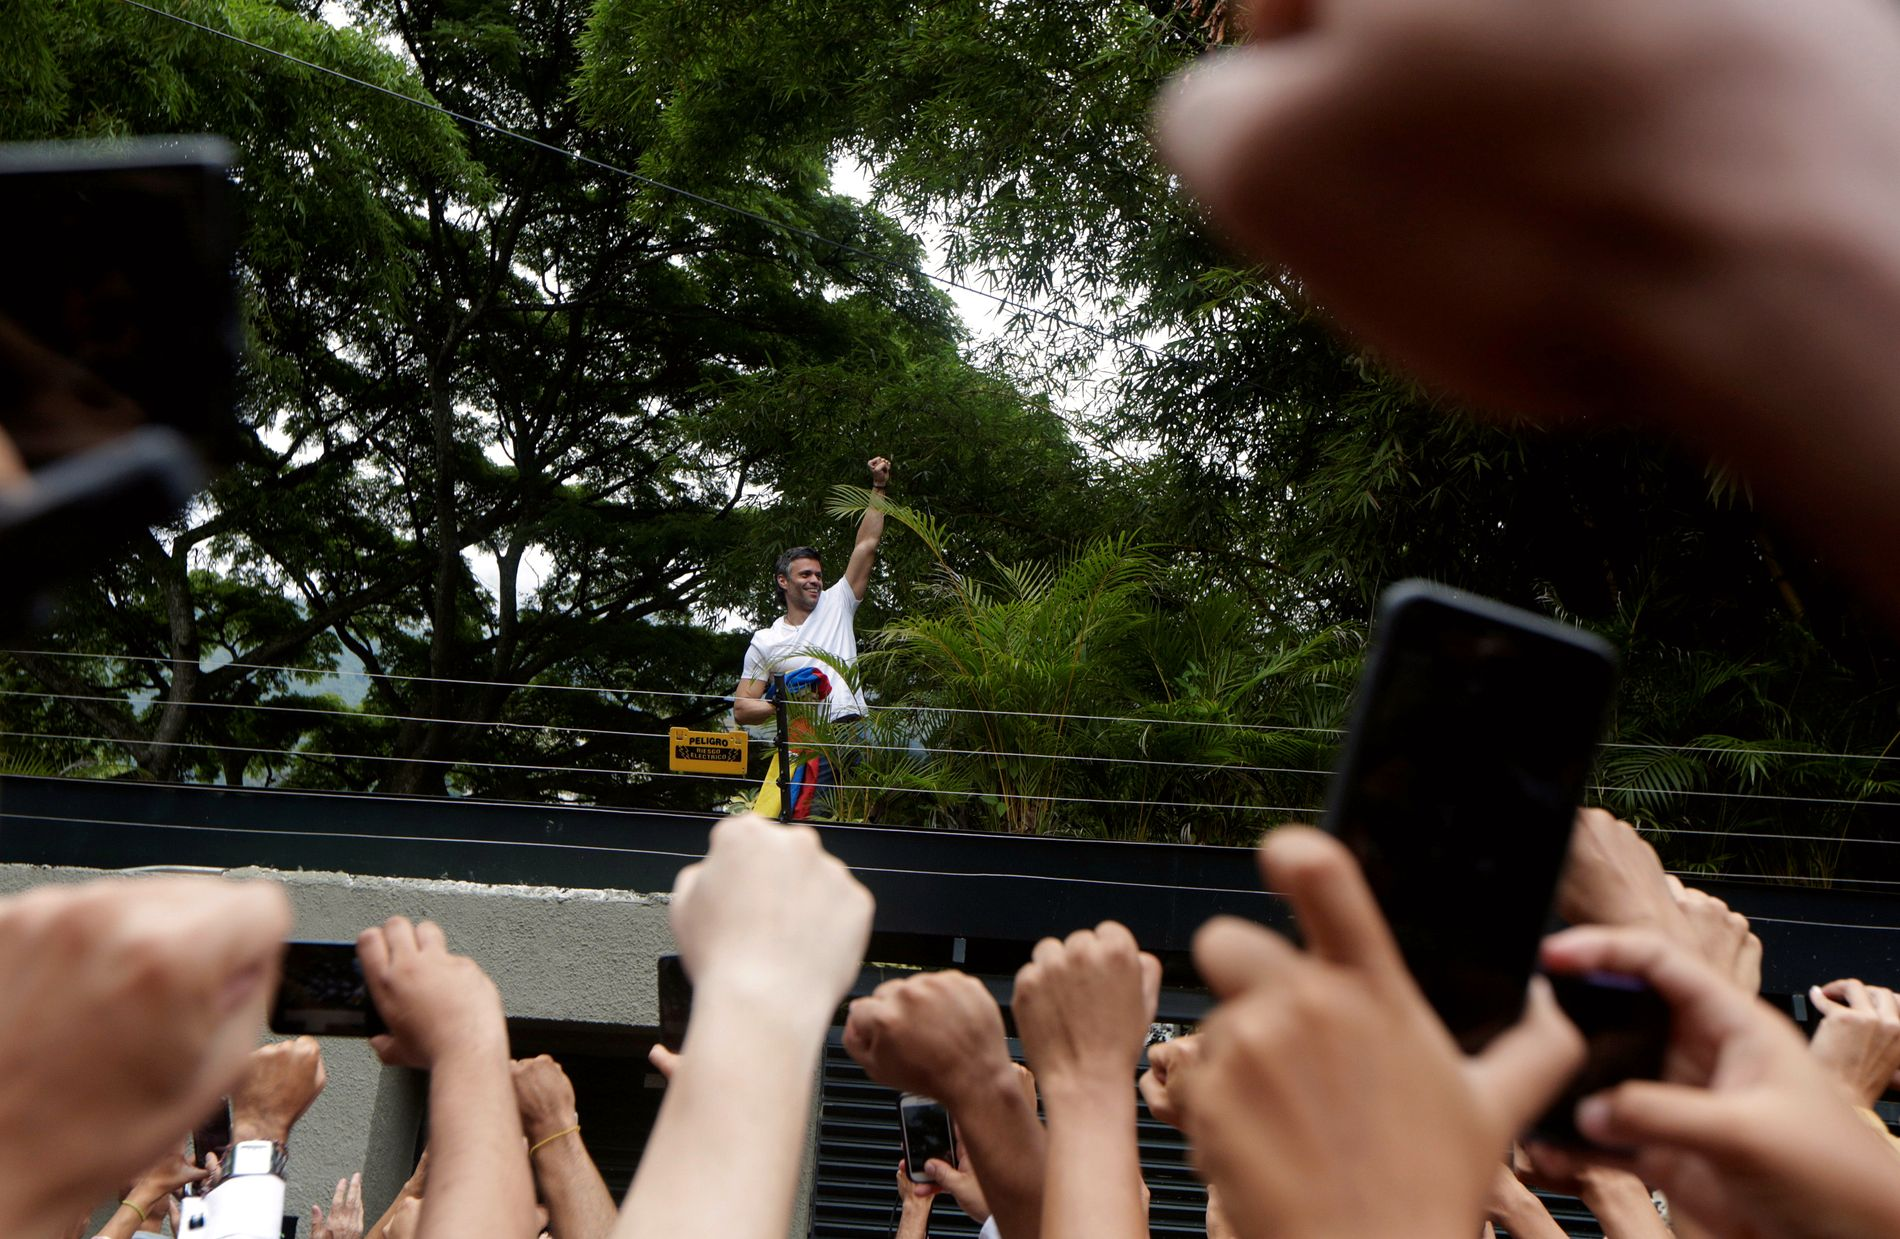 JUBLET: Leopoldo López hilste til sine supportere da han ble overført til husarrest i fjor sommer. Siden har det stort sett vært stille fra opposisjonspolitikeren.